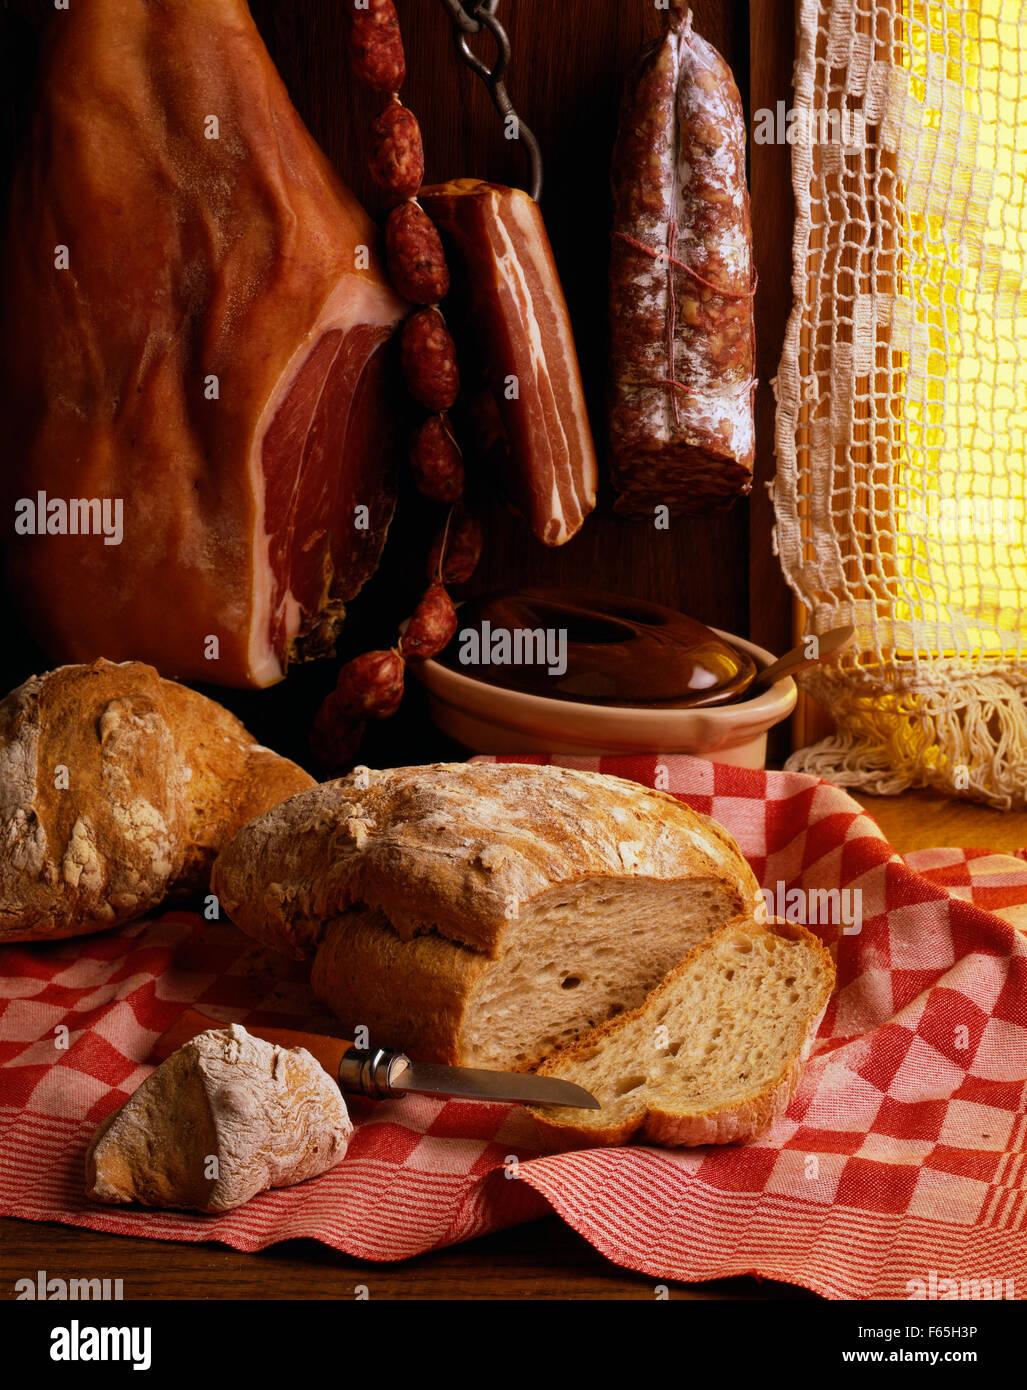 Cuocere la carne di maiale e pane Foto Stock